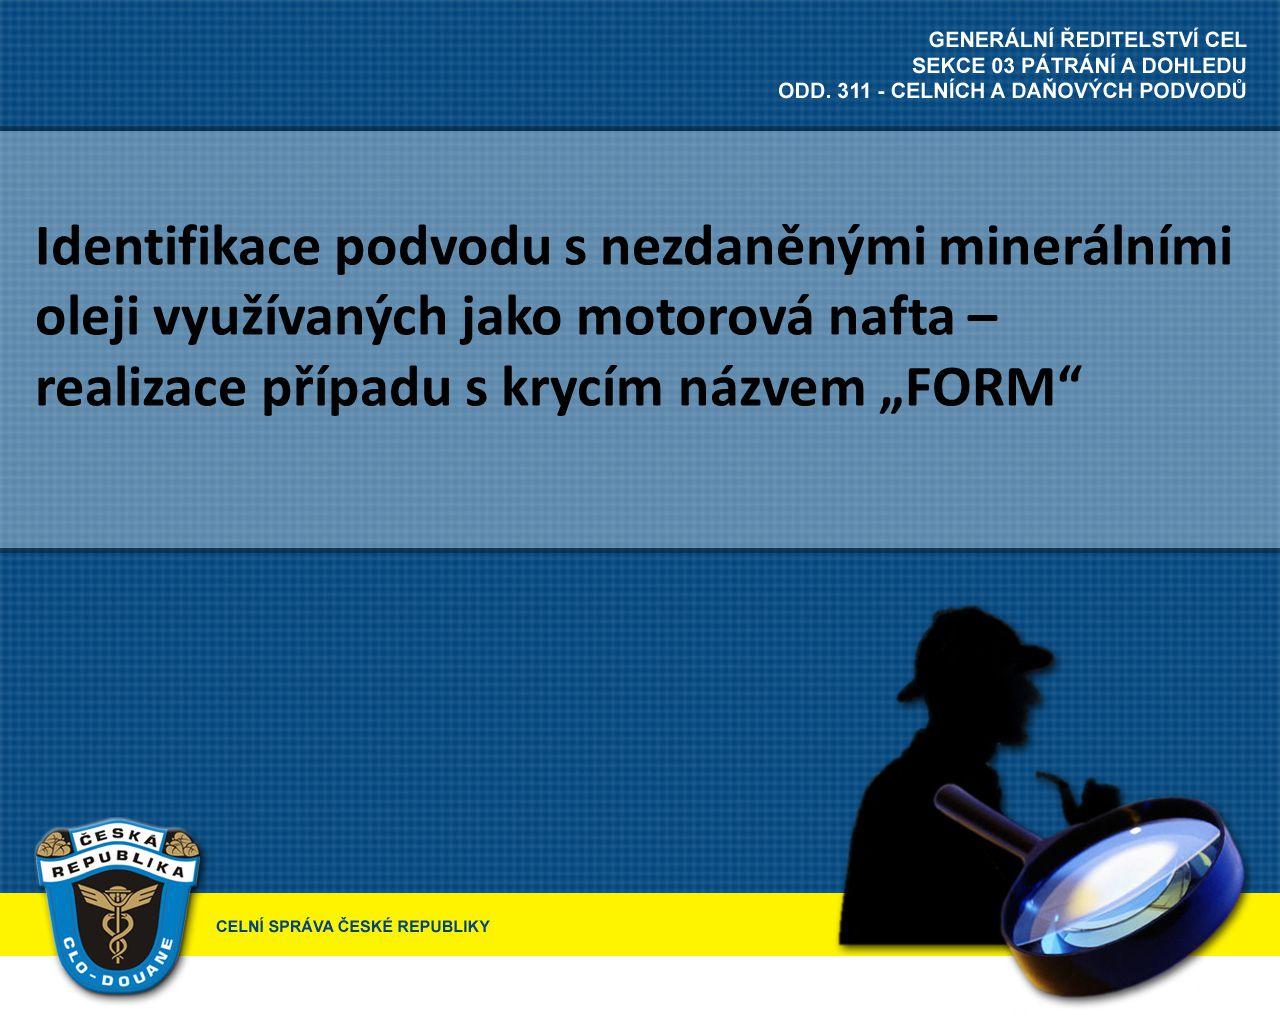 """Identifikace podvodu s nezdaněnými minerálními oleji využívaných jako motorová nafta – realizace případu s krycím názvem """"FORM"""""""